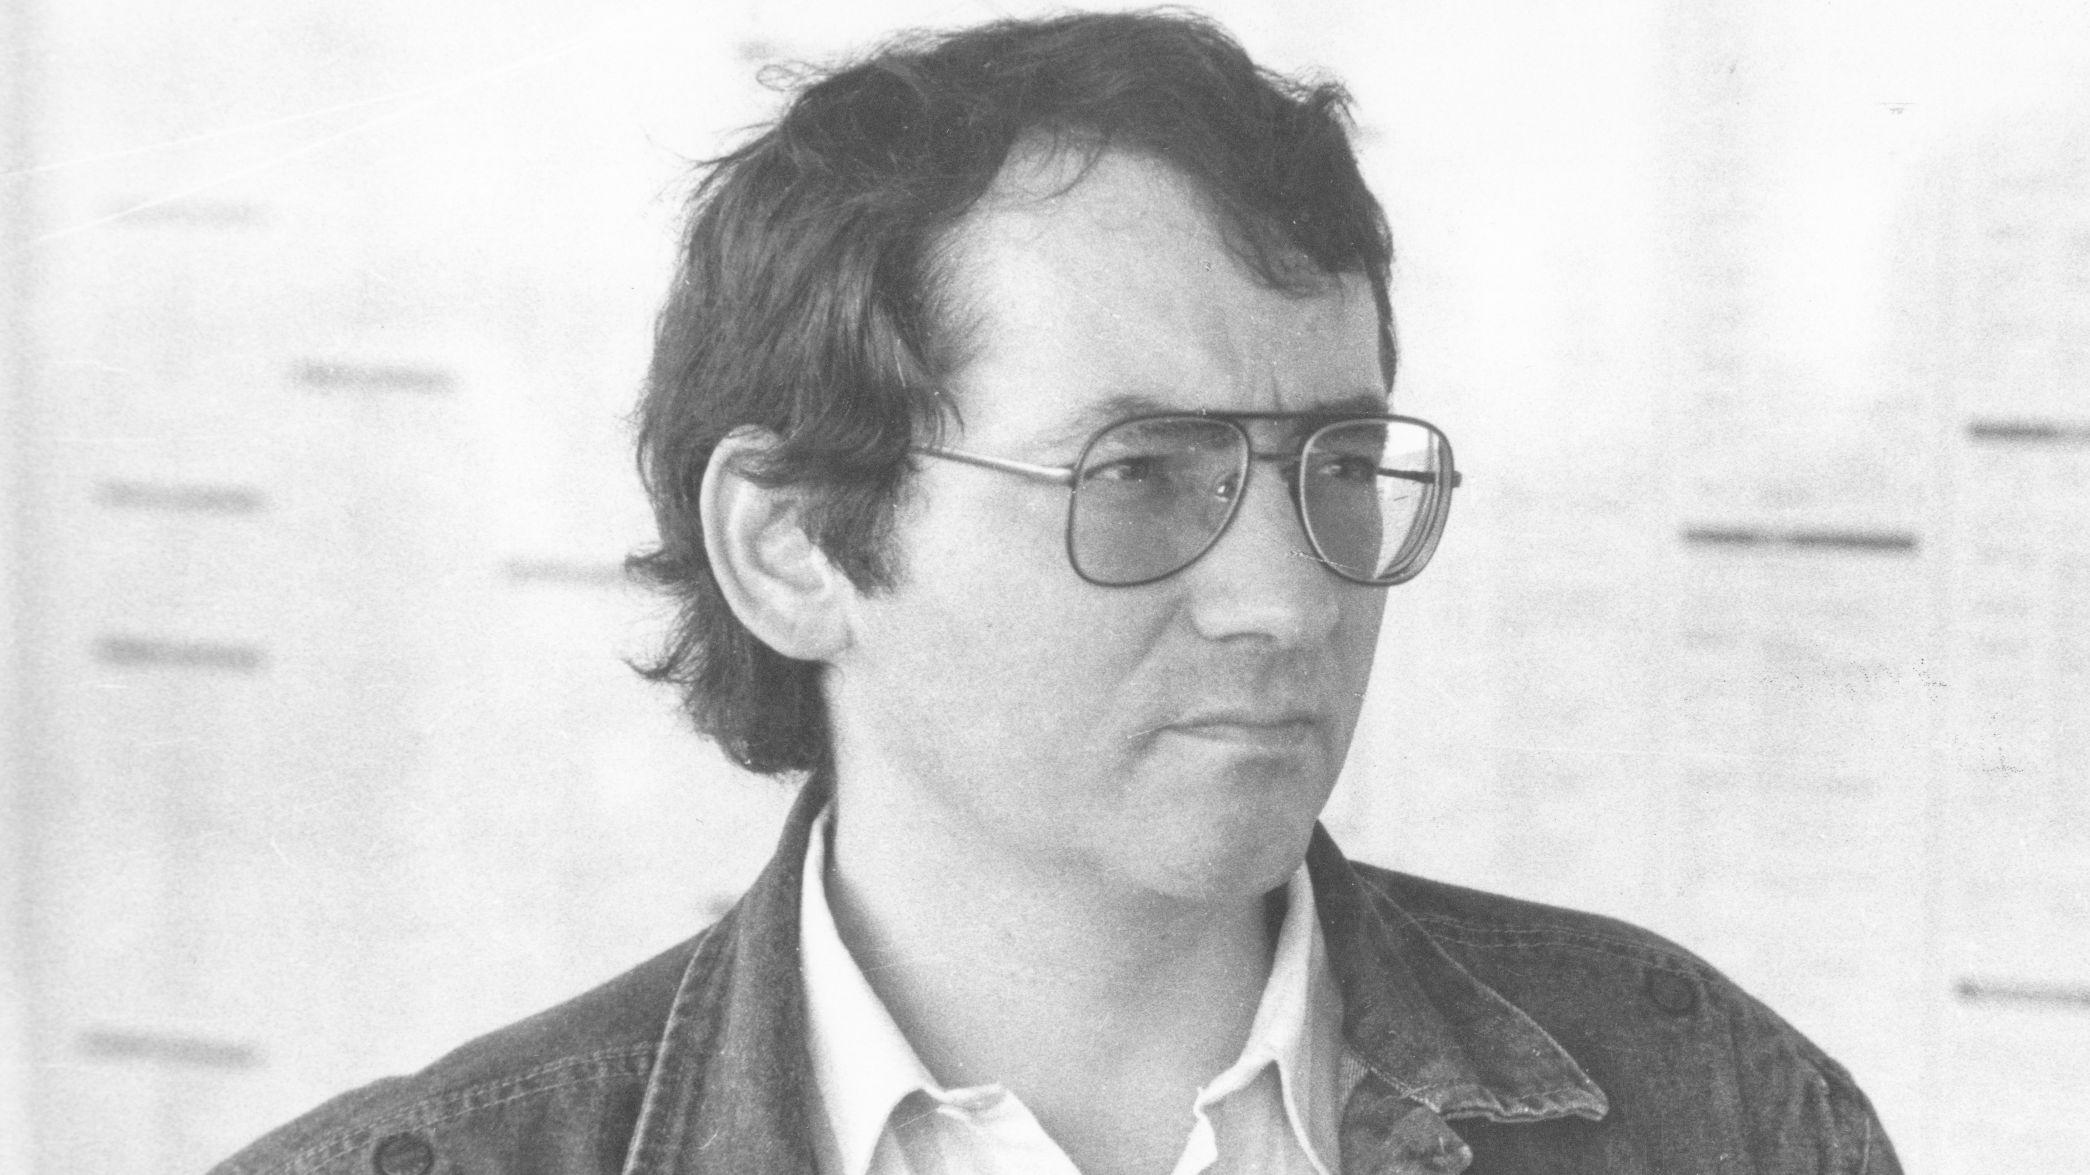 Ein Schwarz-Weiß-Foto des Krimiautors Jörg Fauser